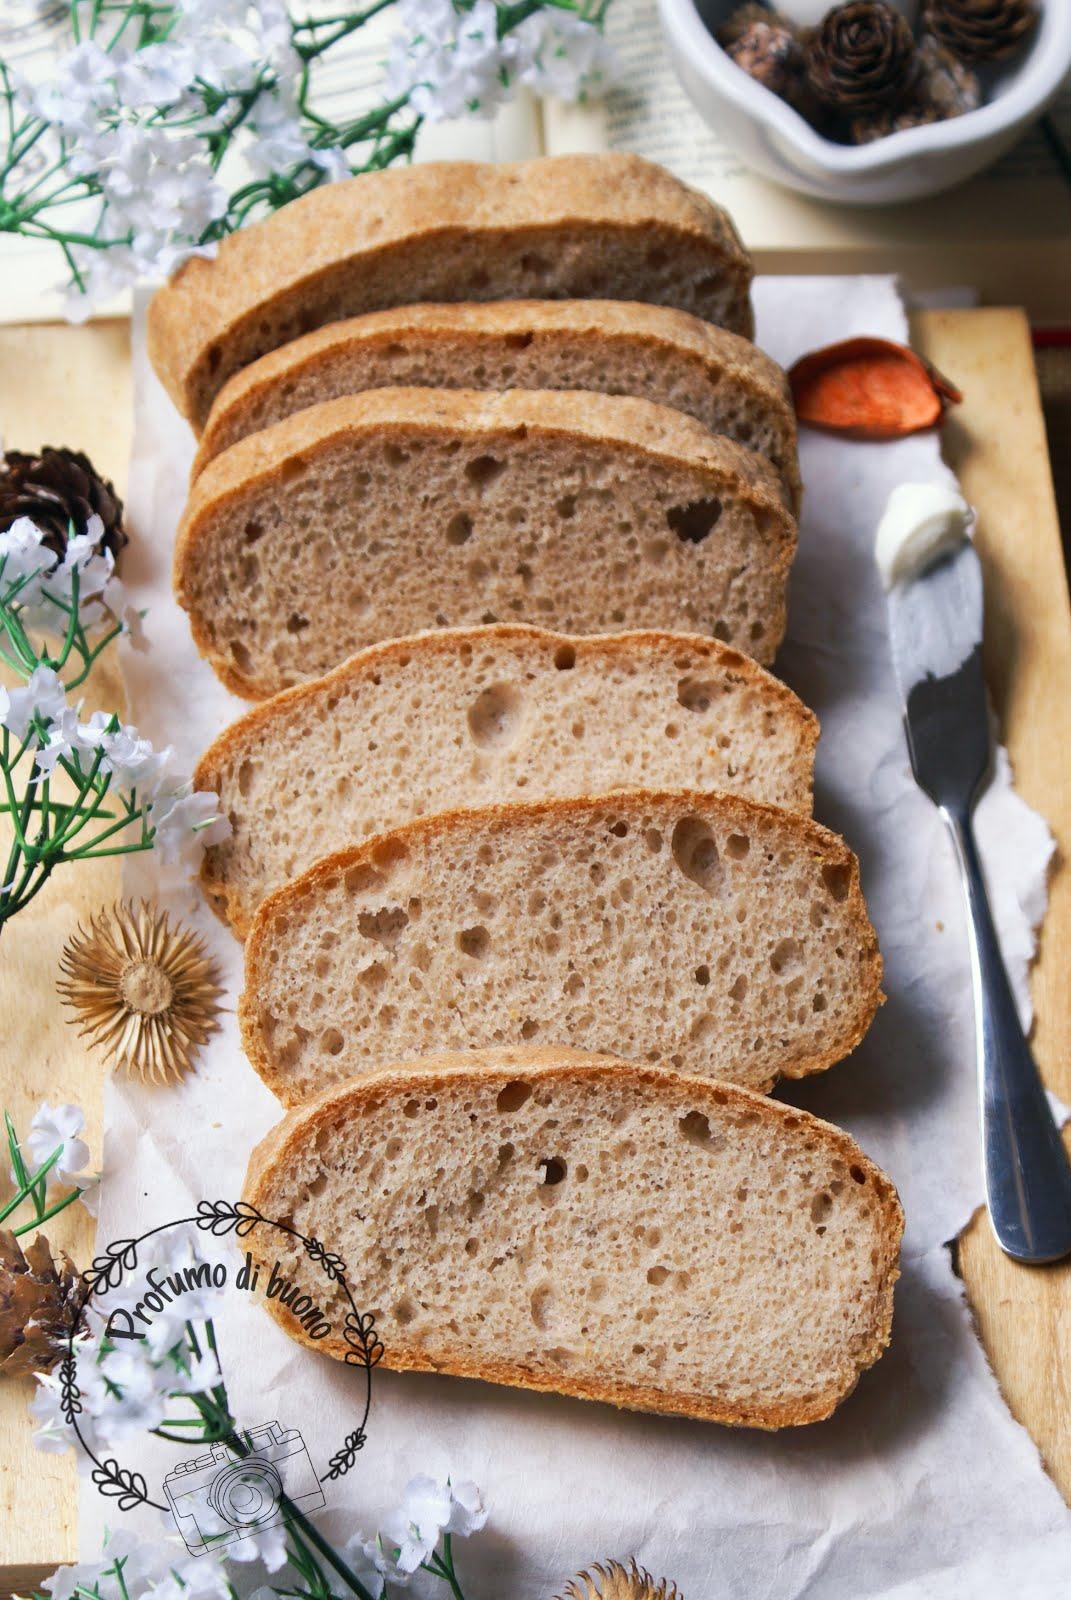 Pane integrale alla quinoa senza glutine